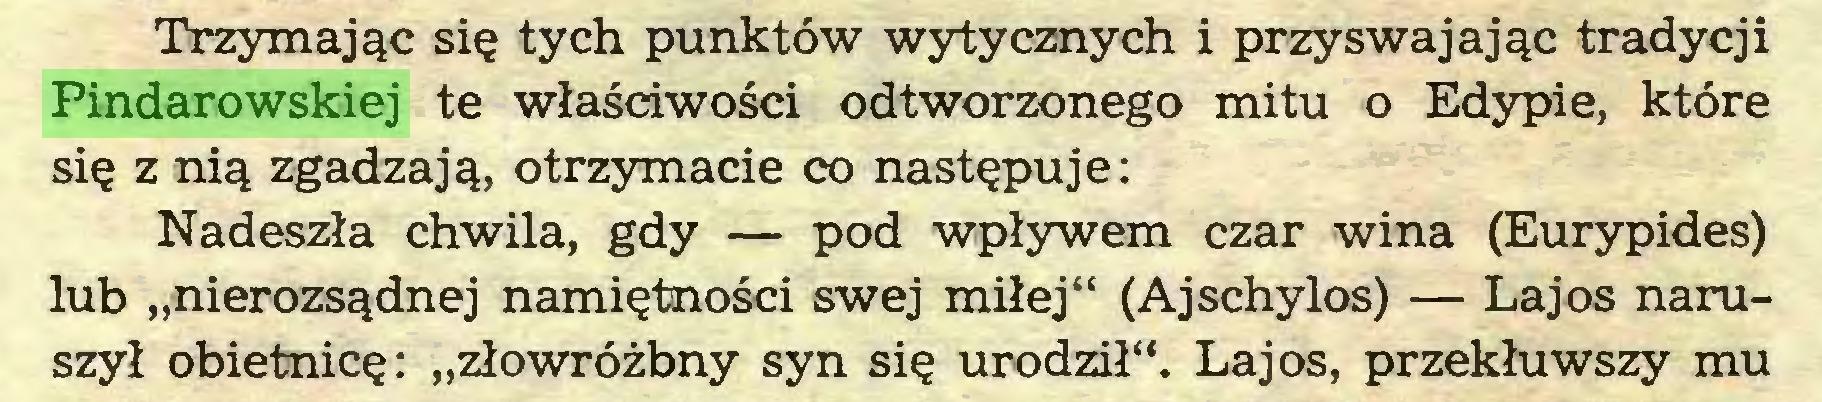 """(...) Trzymając się tych punktów wytycznych i przyswajając tradycji Pindarowskiej te właściwości odtworzonego mitu o Edypie, które się z nią zgadzają, otrzymacie co następuje: Nadeszła chwila, gdy — pod wpływem czar wina (Eurypides) lub """"nierozsądnej namiętności swej miłej"""" (Ajschylos) — Lajos naruszył obietnicę: """"złowróżbny syn się urodził"""". Lajos, przekłuwszy mu..."""